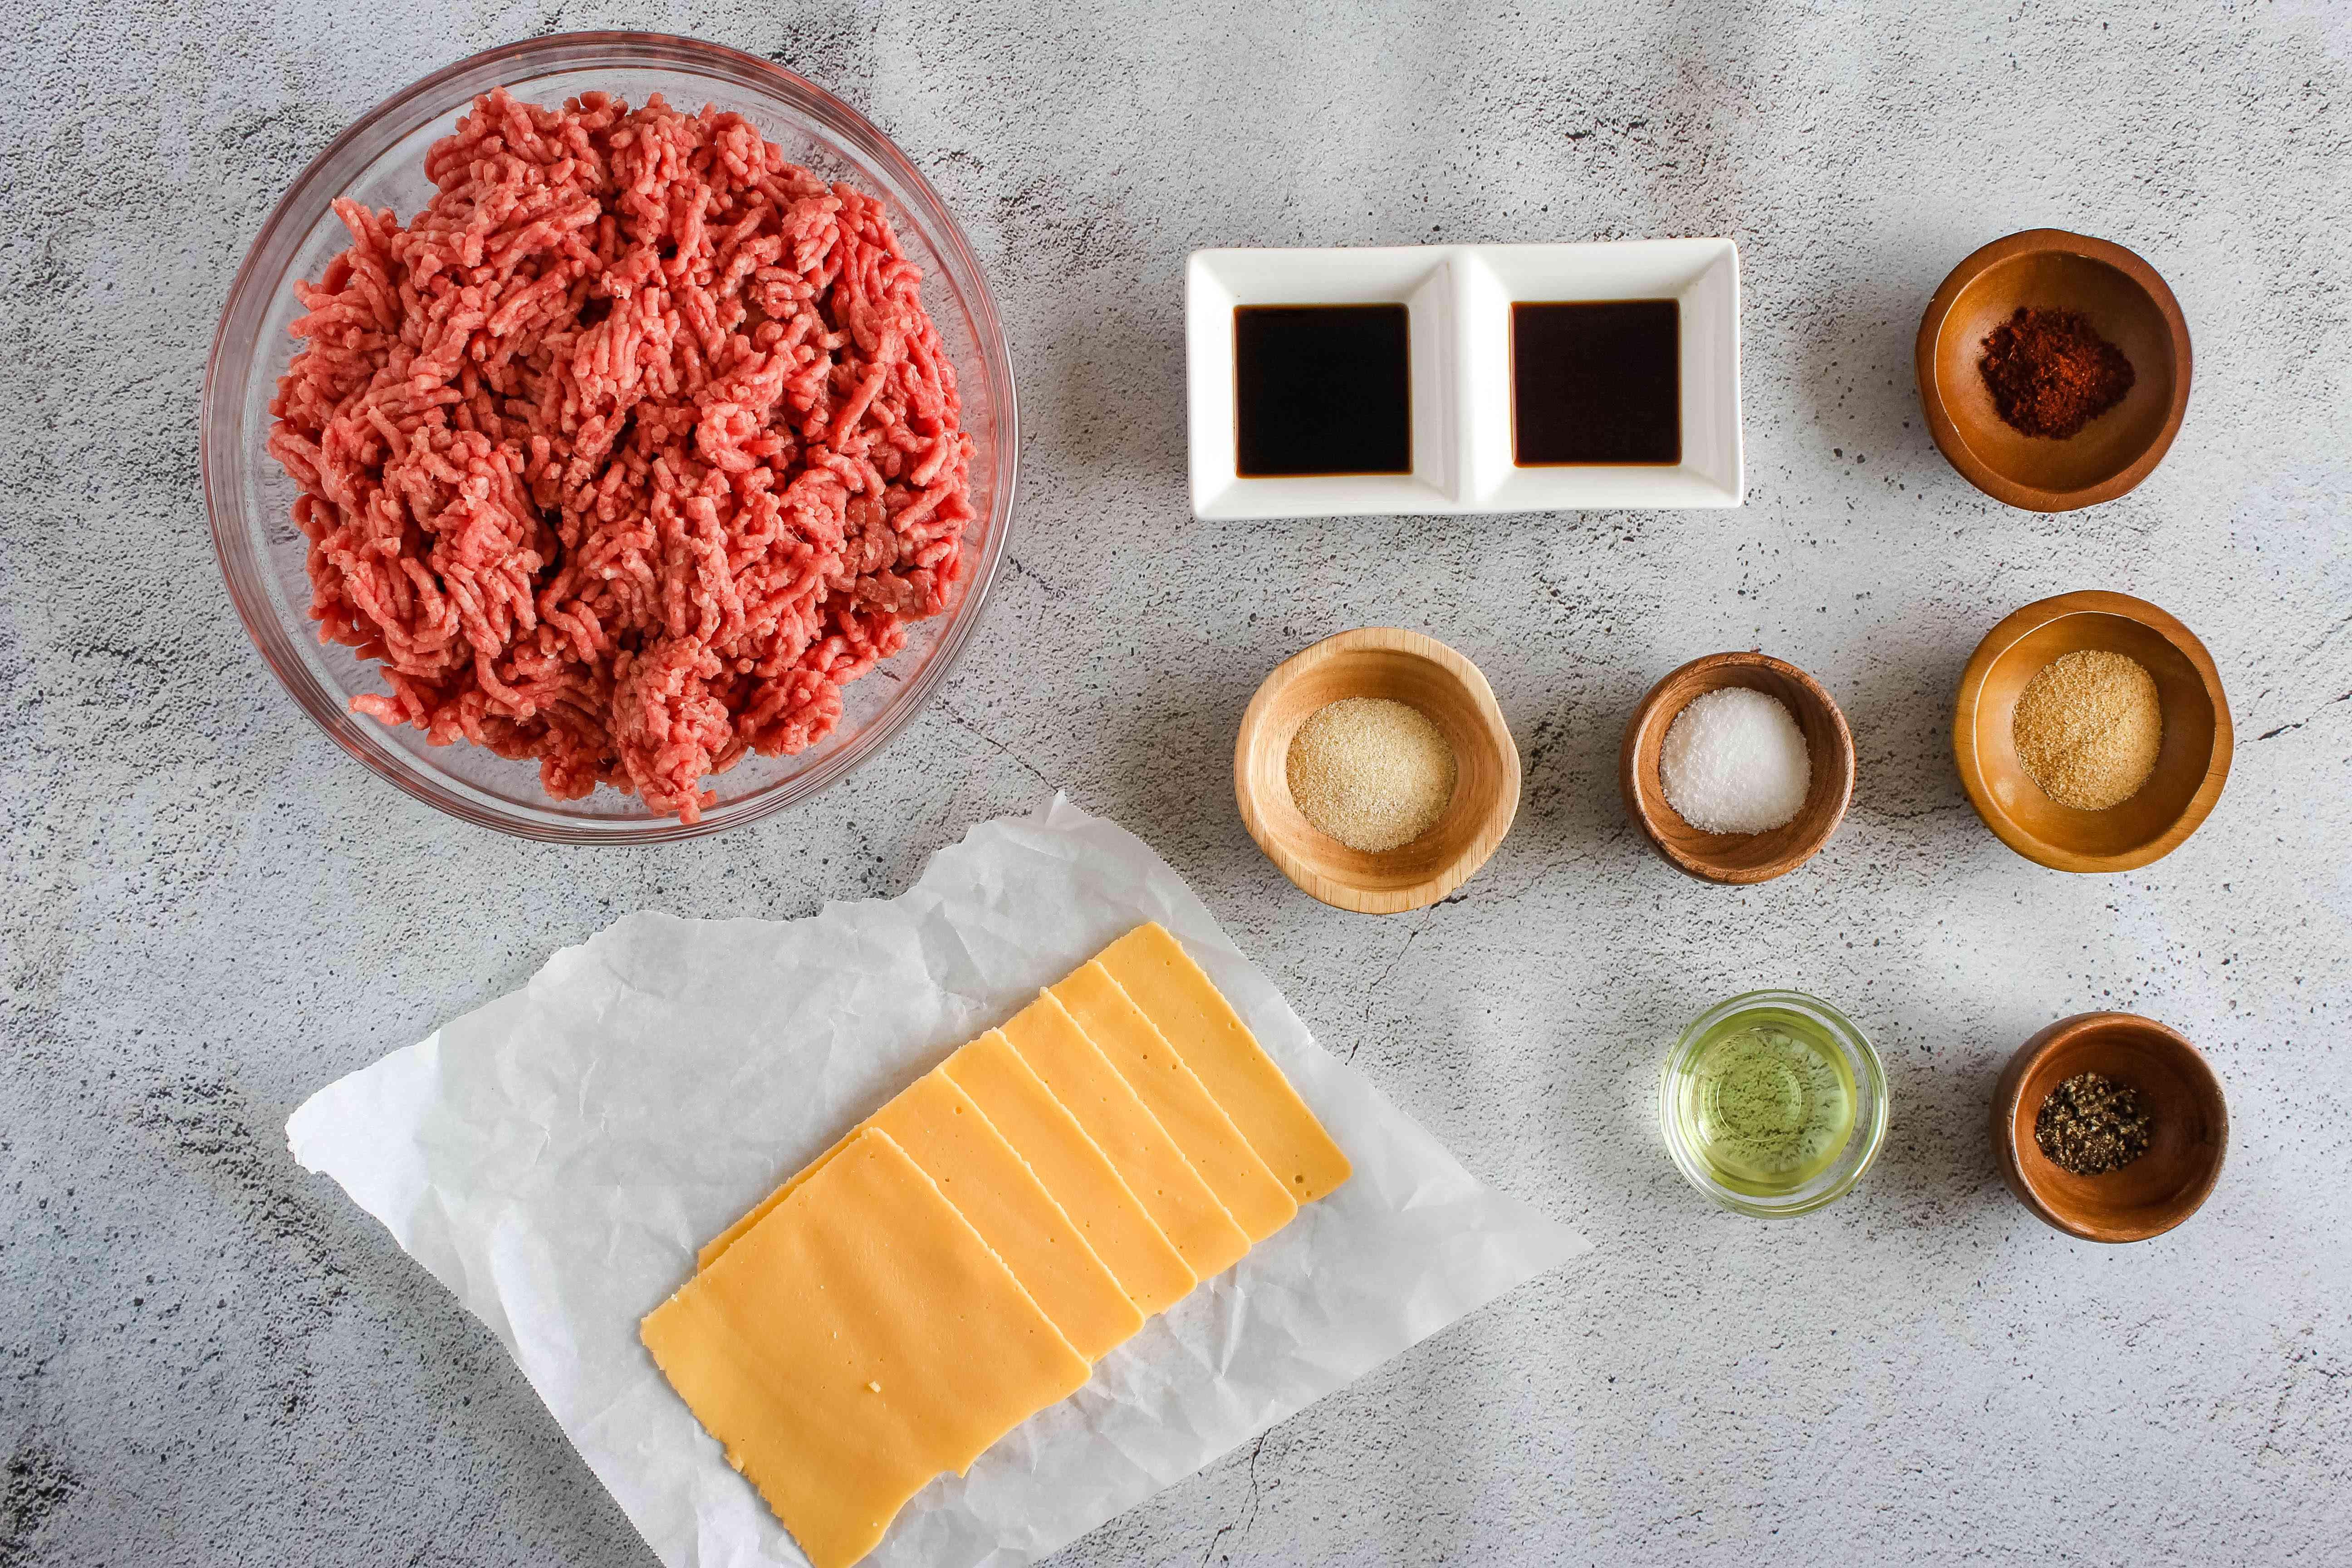 Ingredients for garlic burger